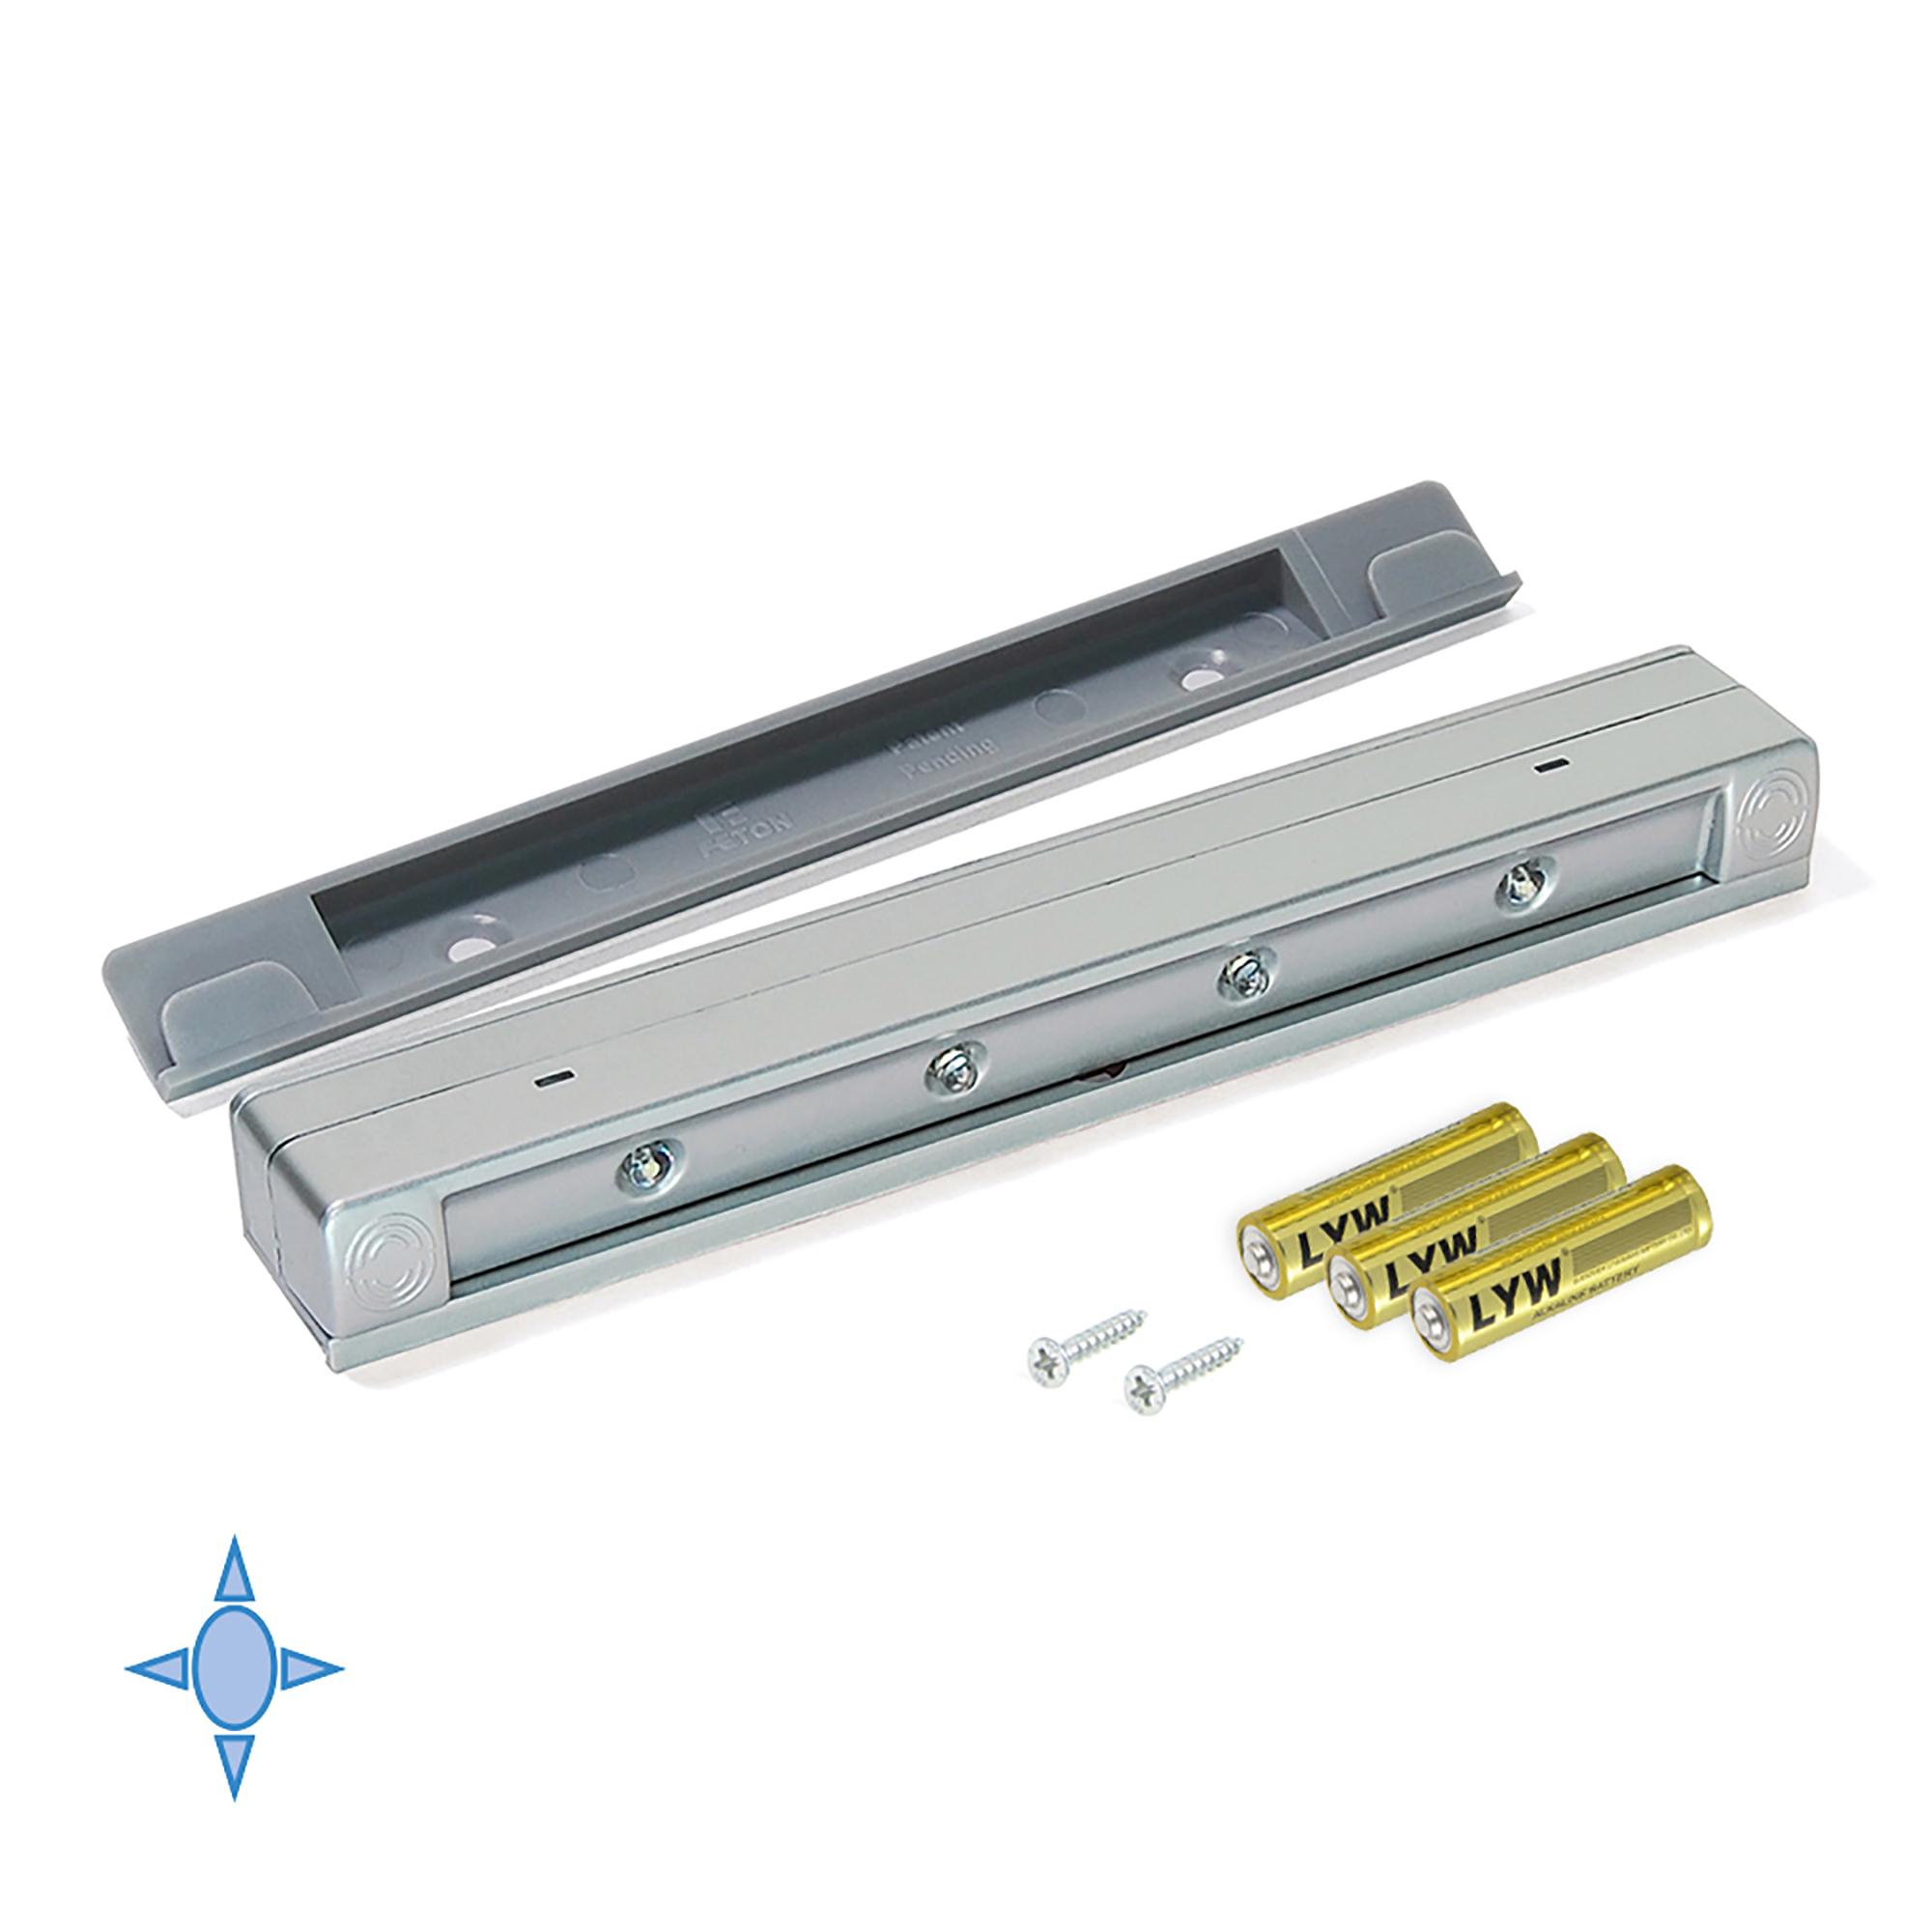 Emuca Luce LED a batterie per cassetti, sensore a vibrazione, Luce bianca fredda, Plastica, Grigio metallizzato